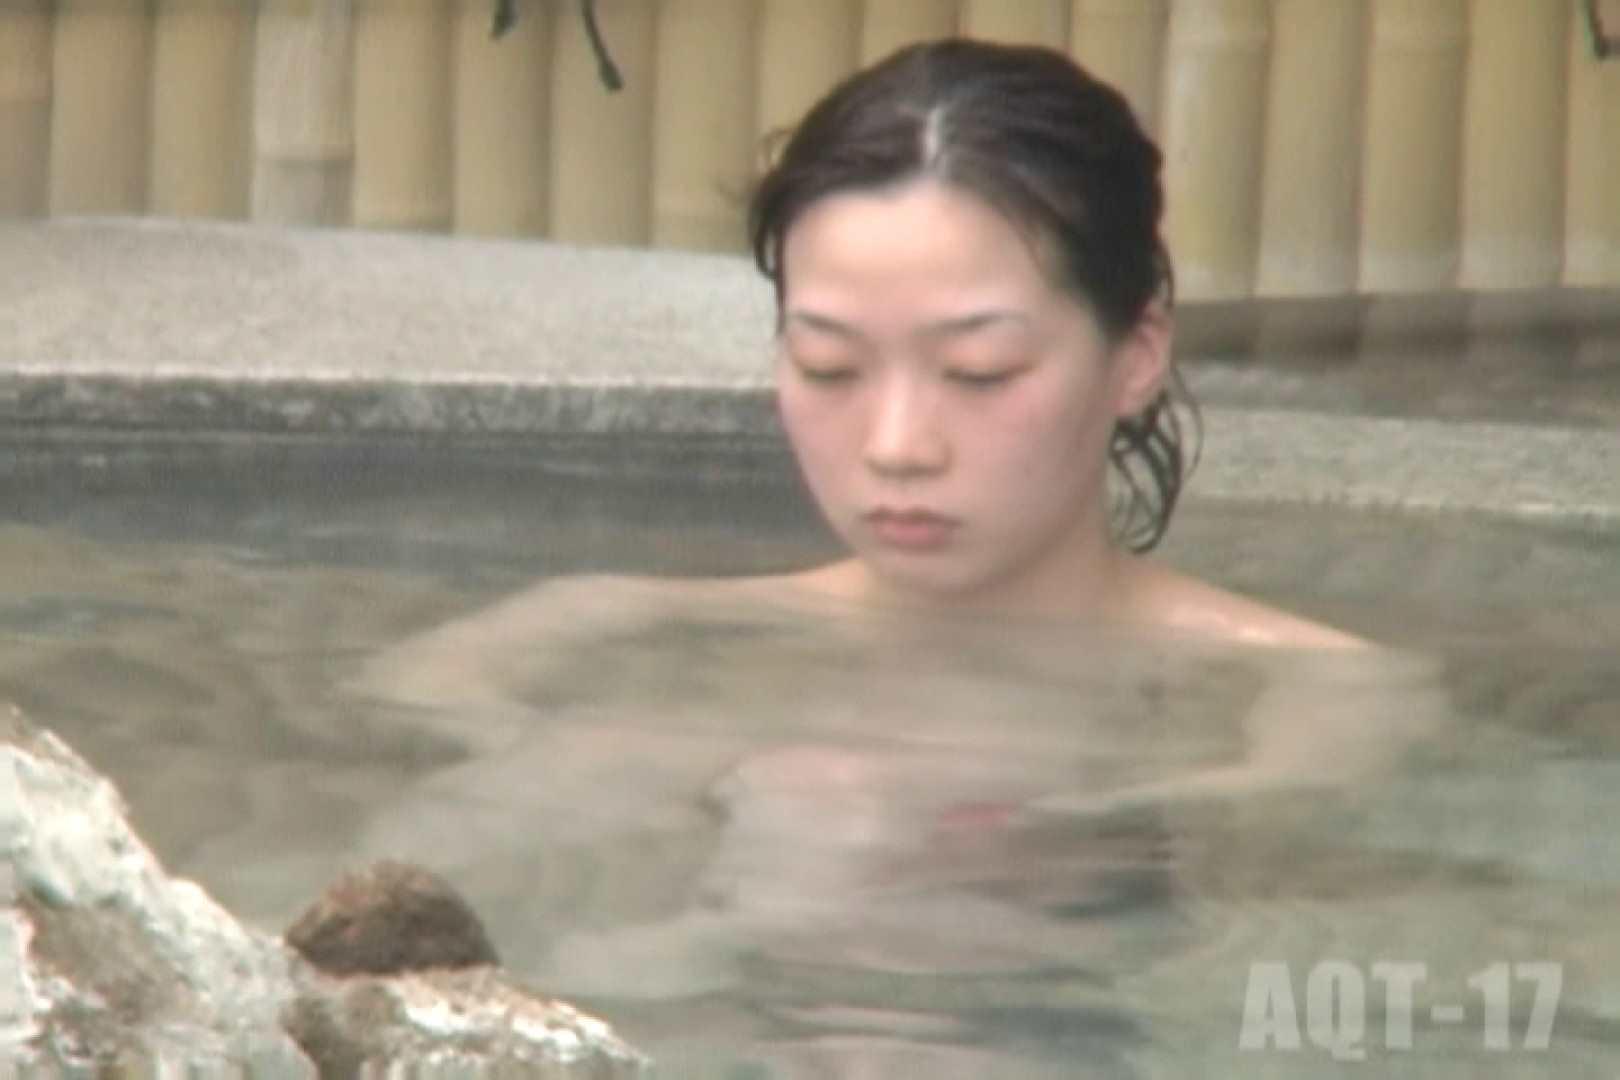 Aquaな露天風呂Vol.848 露天風呂  11枚 2